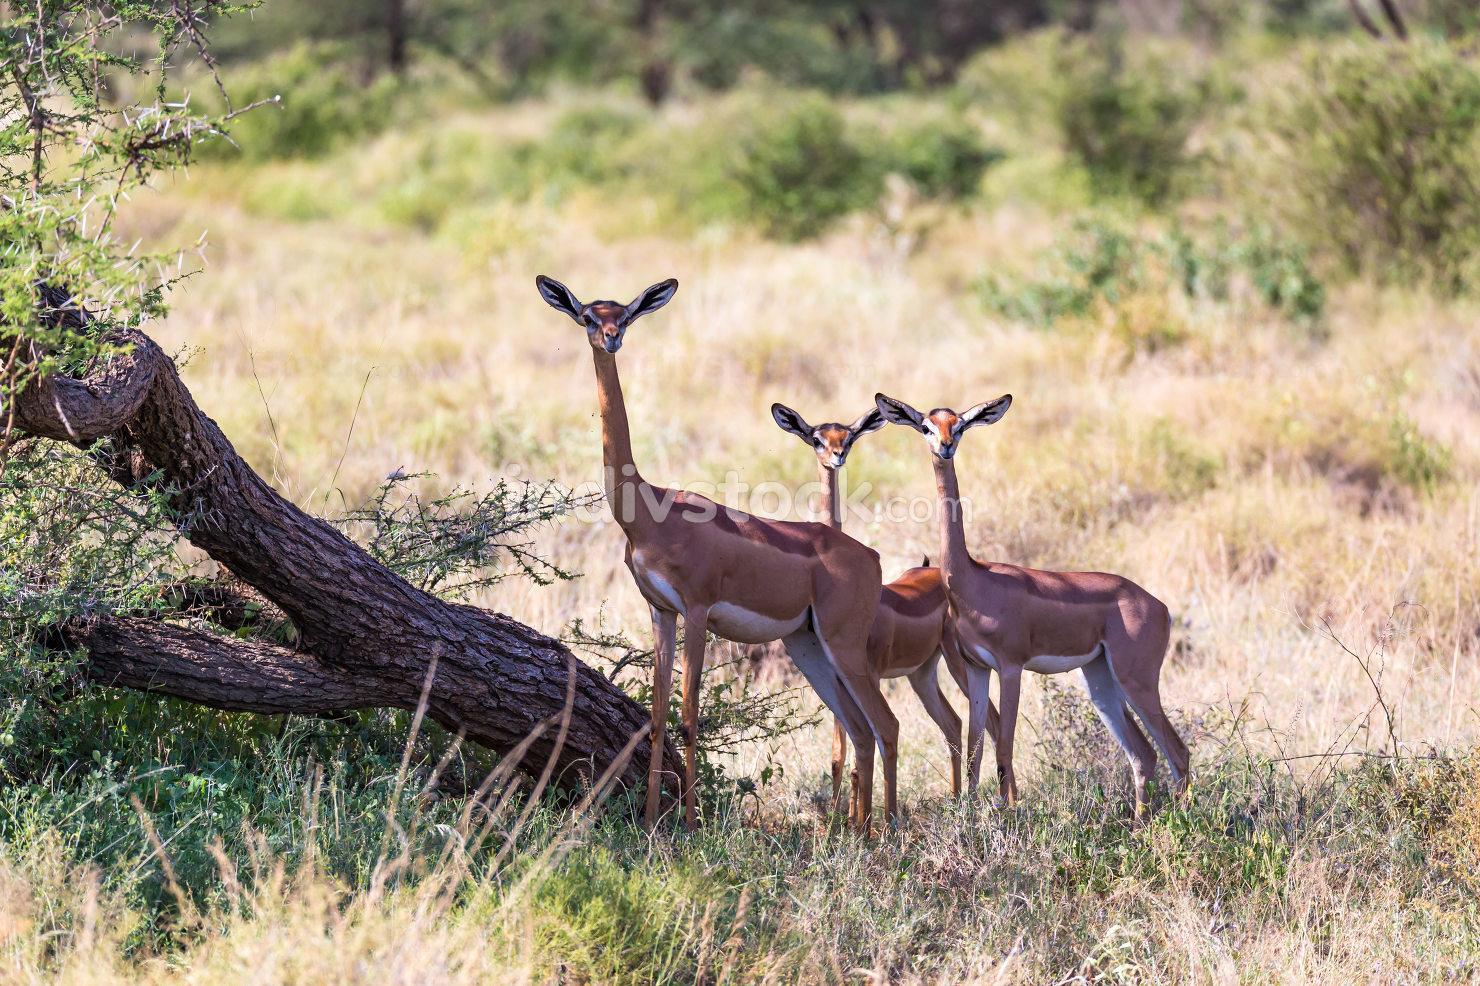 Some gerenuk in the kenyan savanna looking for food